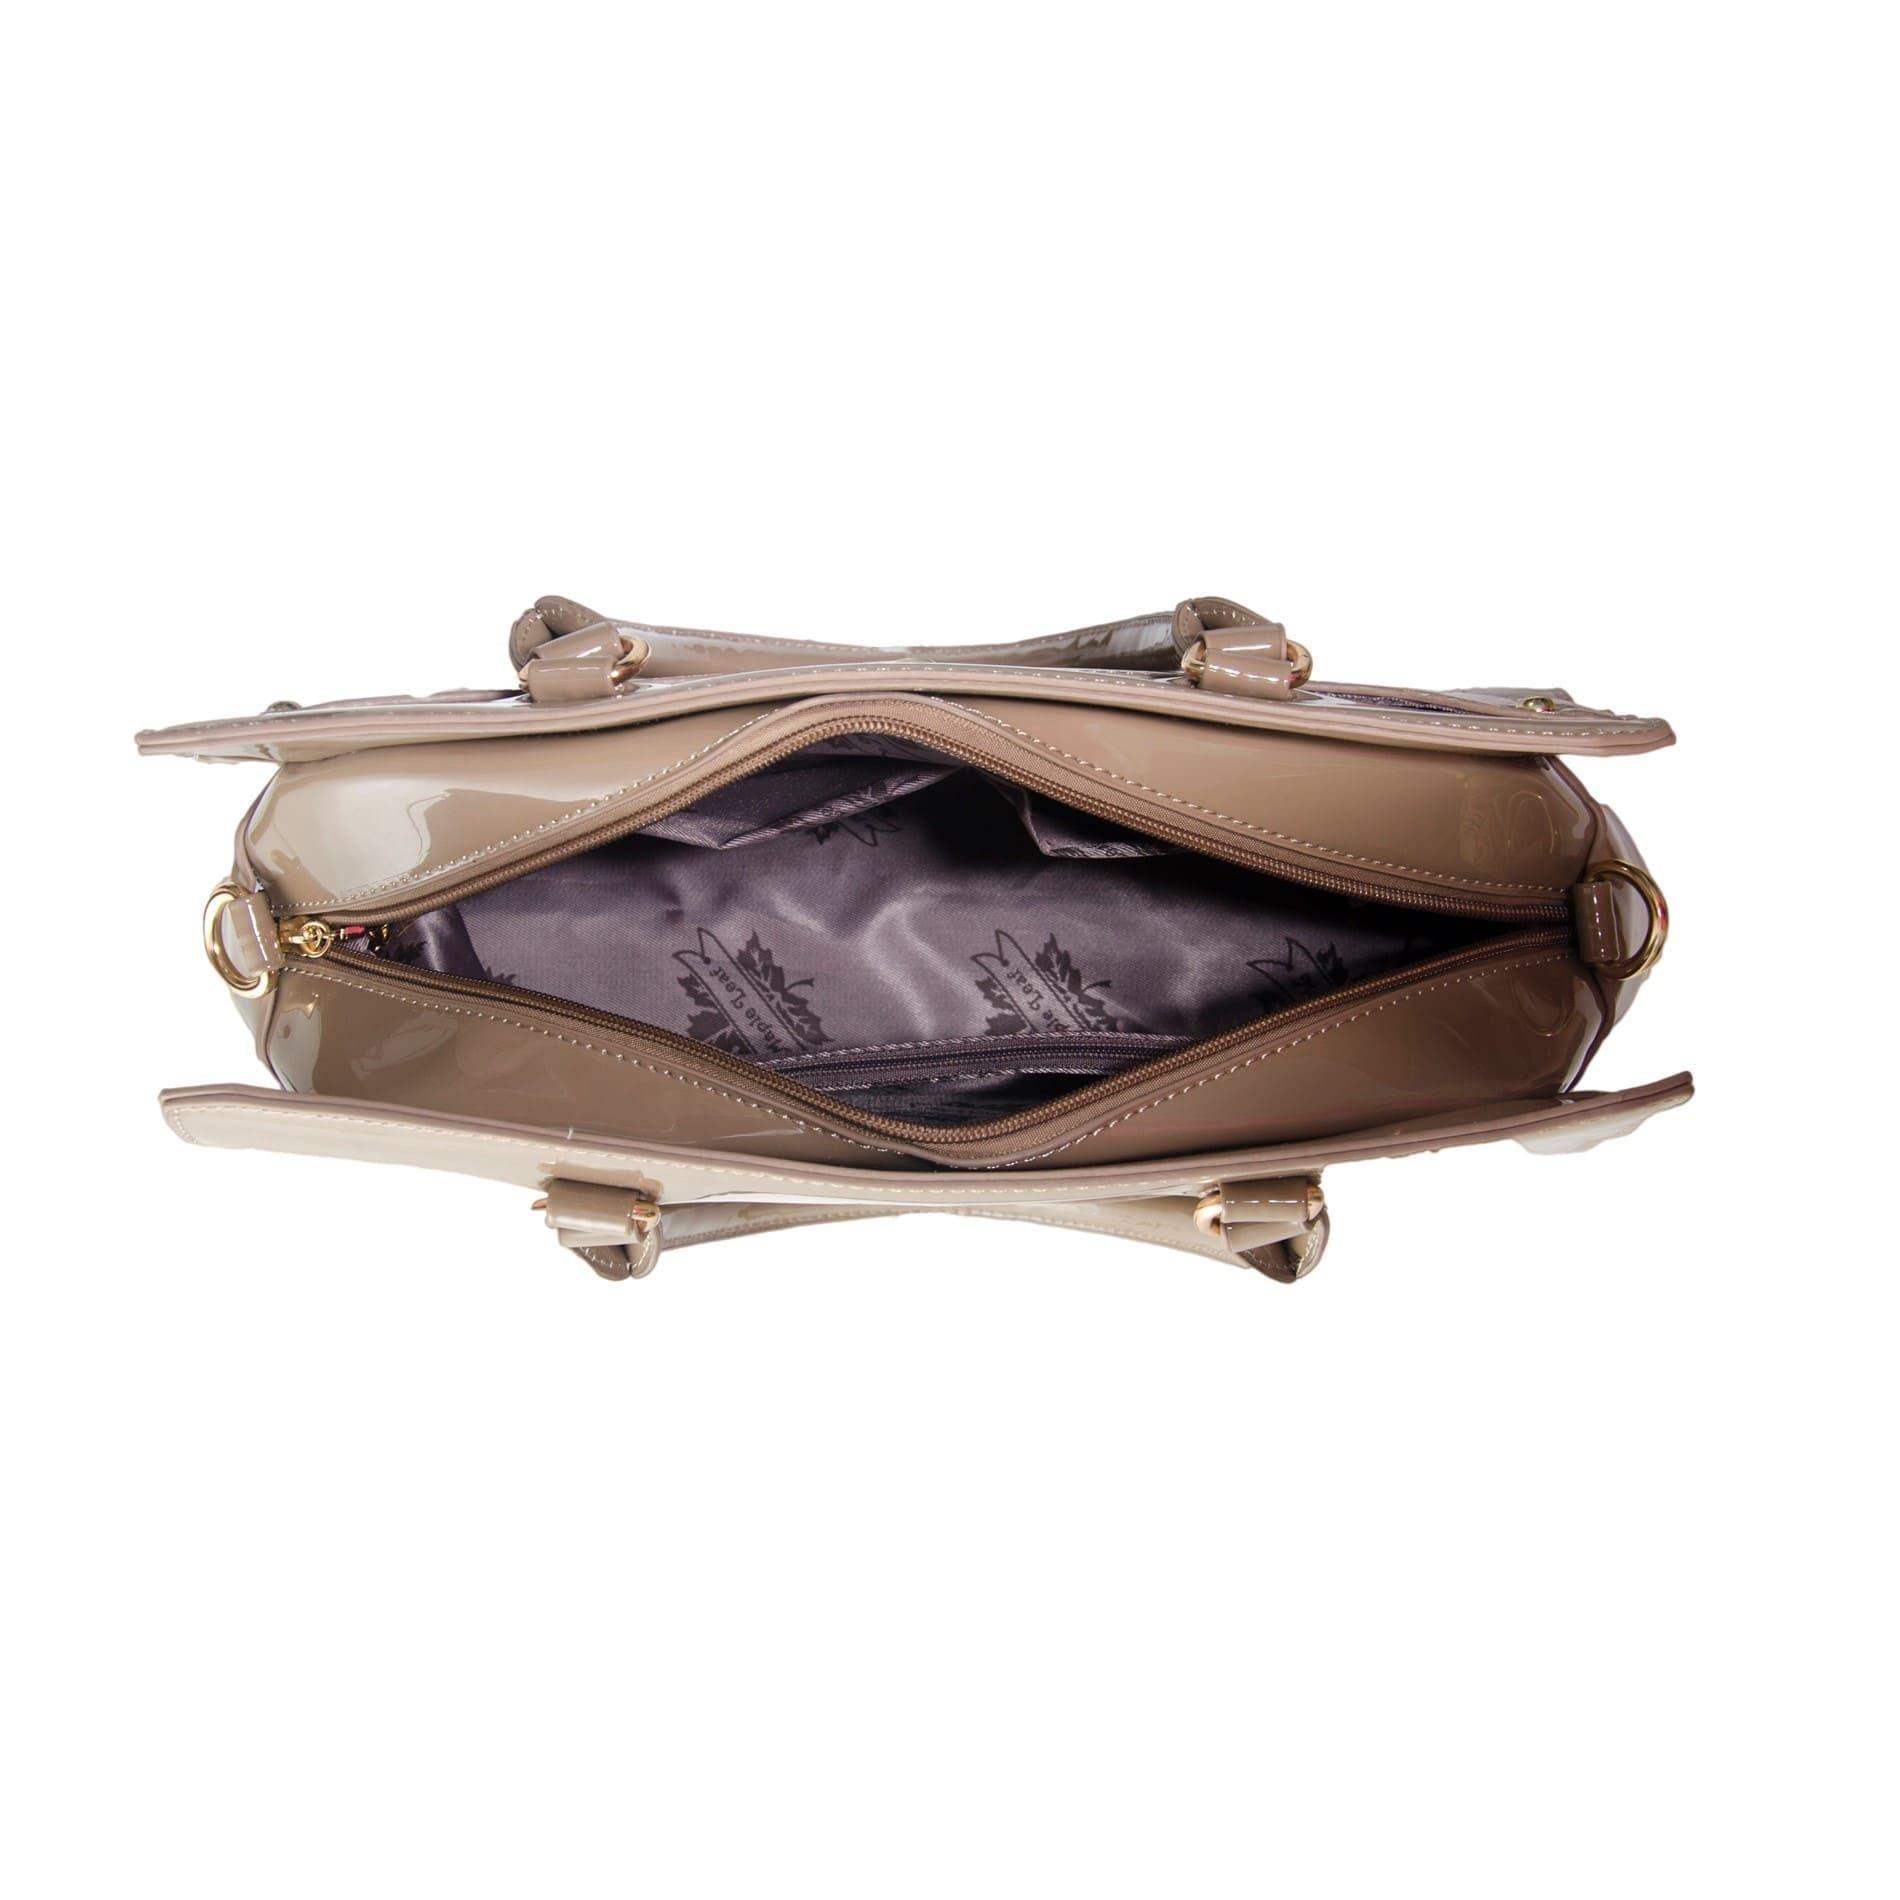 Bolsa de Mão Verniz Caqui com Alça Removível e Bolsa Carteira Clutch  - Prime Bolsas